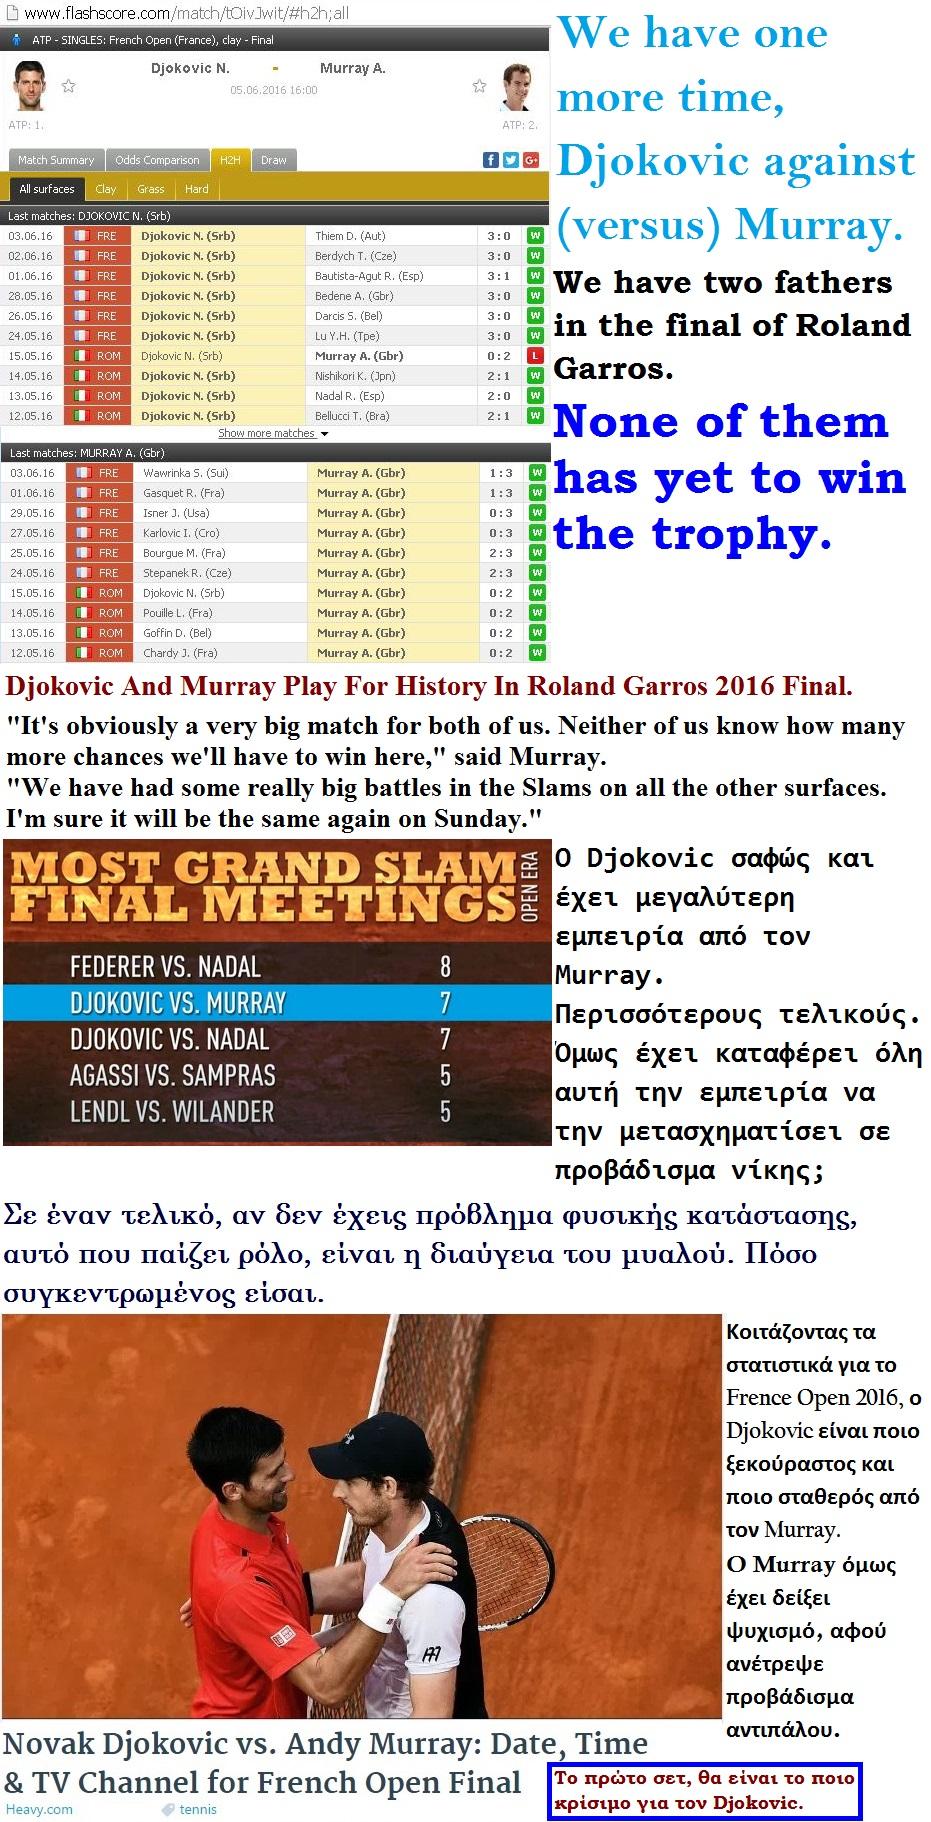 TENNIS GRAND SLAM ROLAND GARROS DJOKOVIC VS MURRAY 01 050616